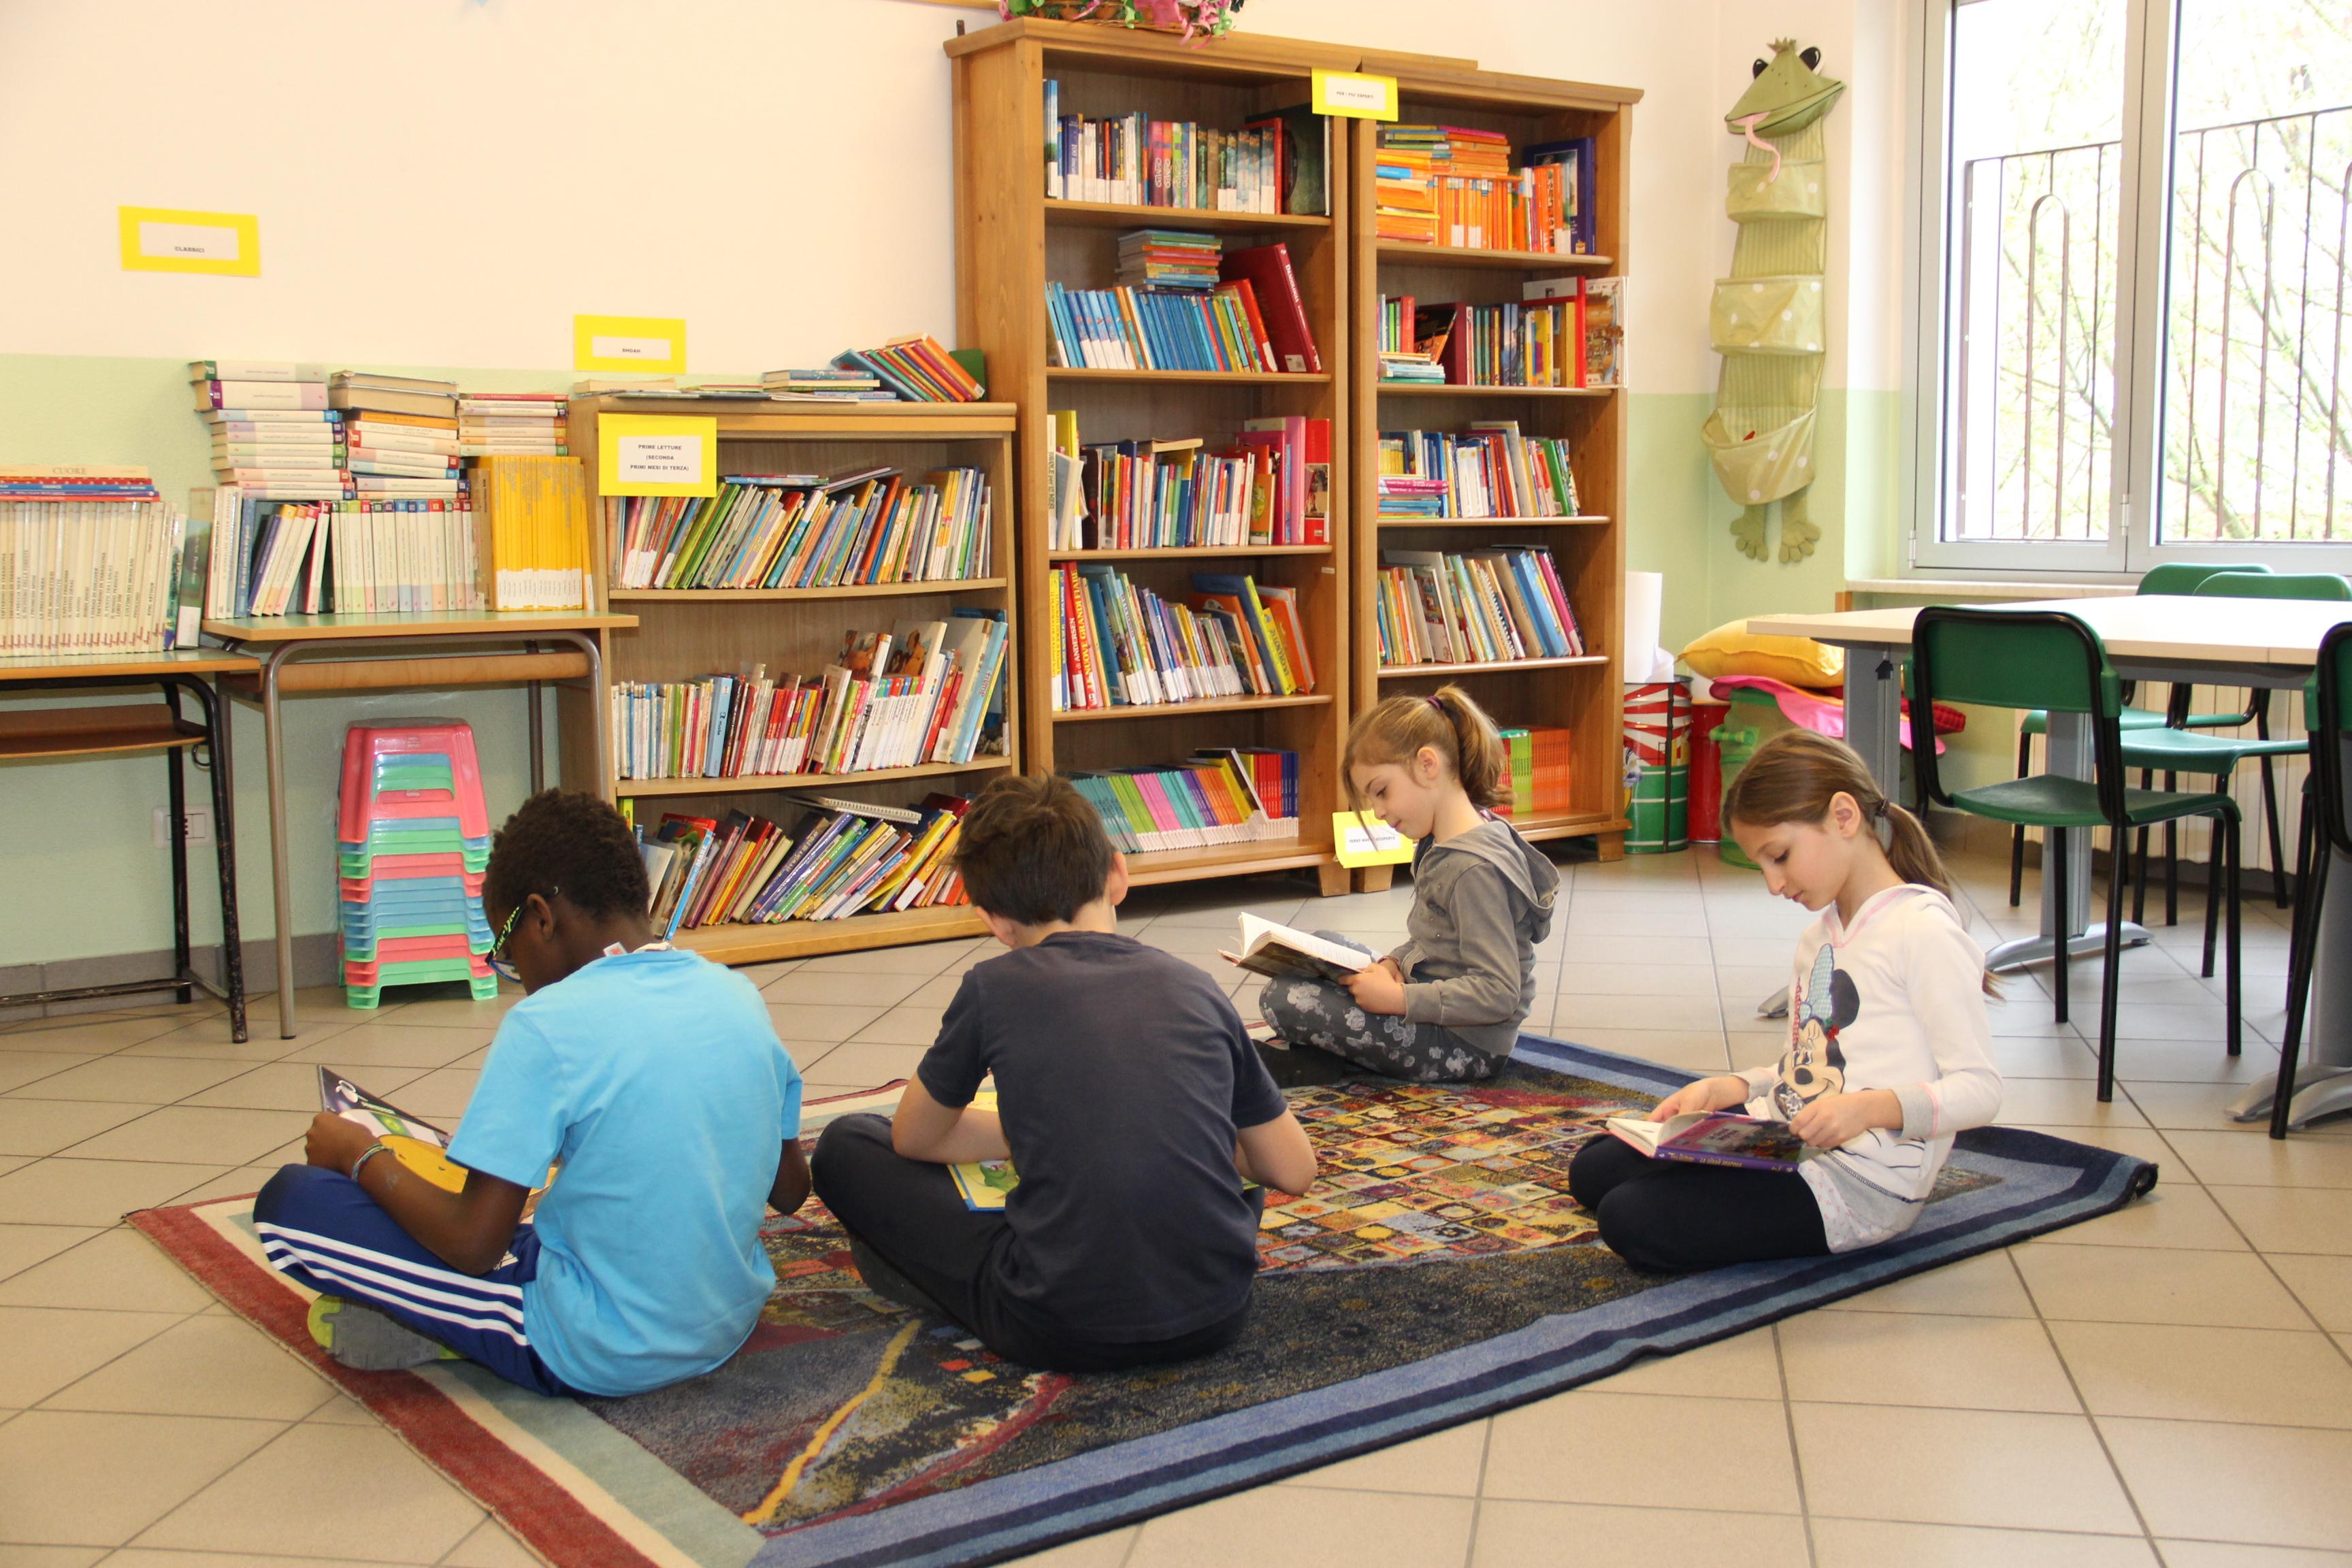 Bilioteca Scuola Maria Ausiliatrice - Lodi